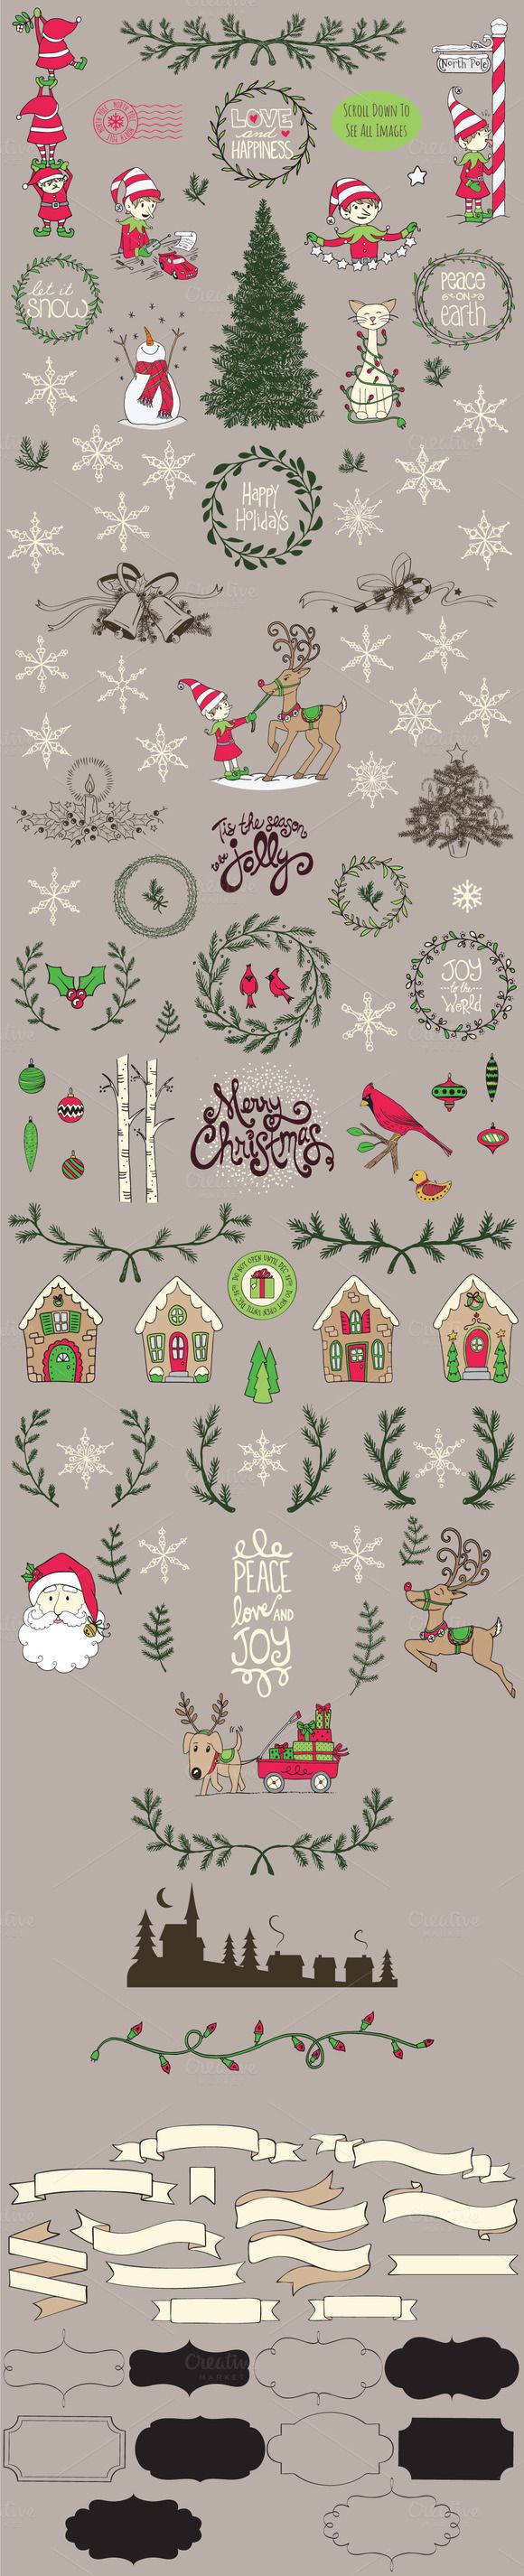 Ultimate Christmas Kit, Vector by Rachel White Art on Creative Market